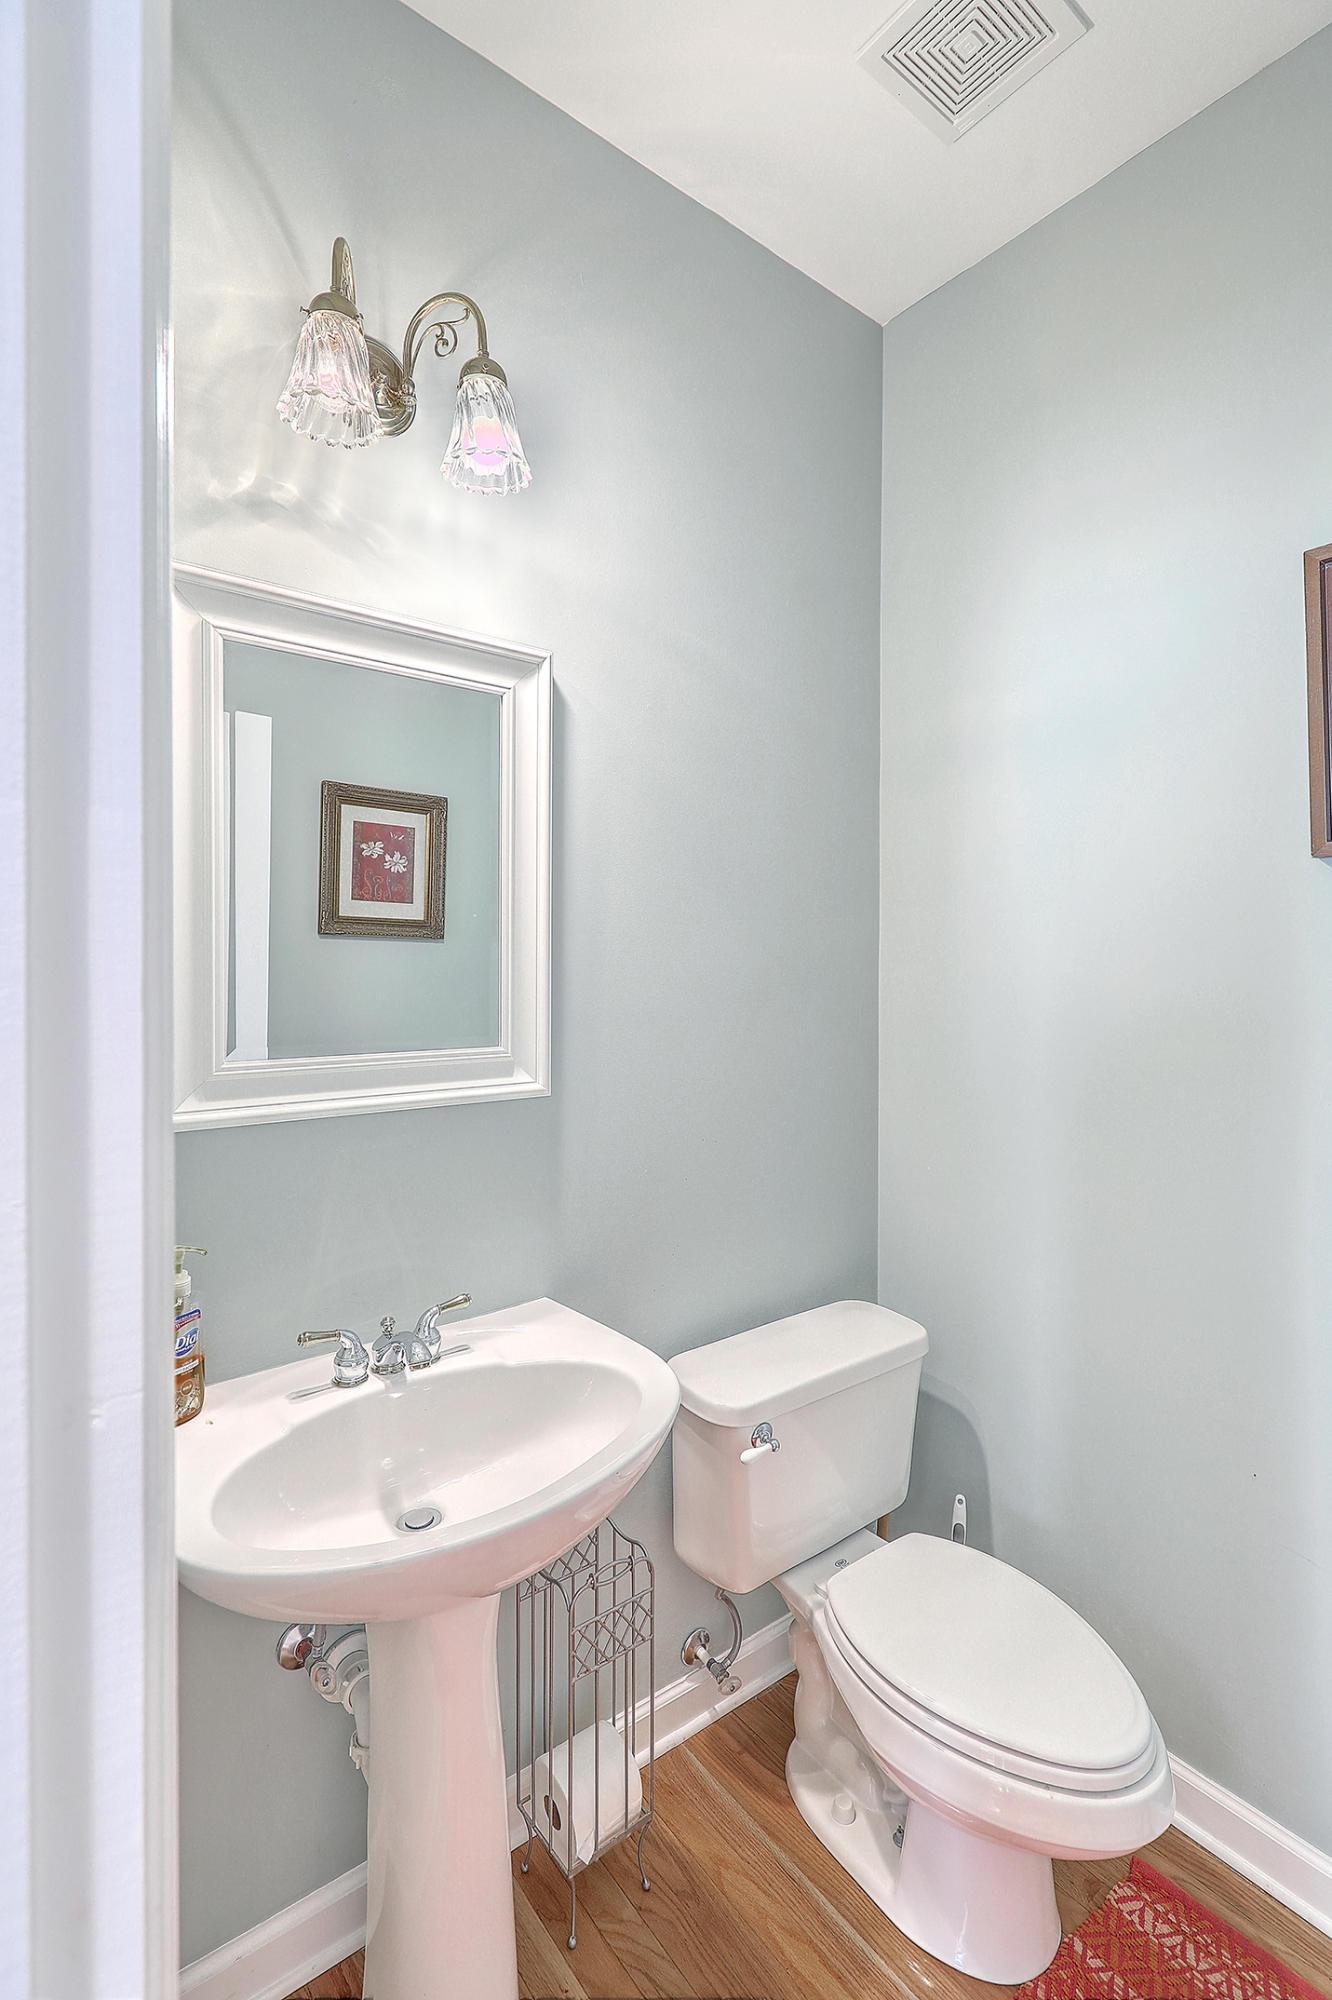 Dunes West Homes For Sale - 129 Palm Cove, Mount Pleasant, SC - 10